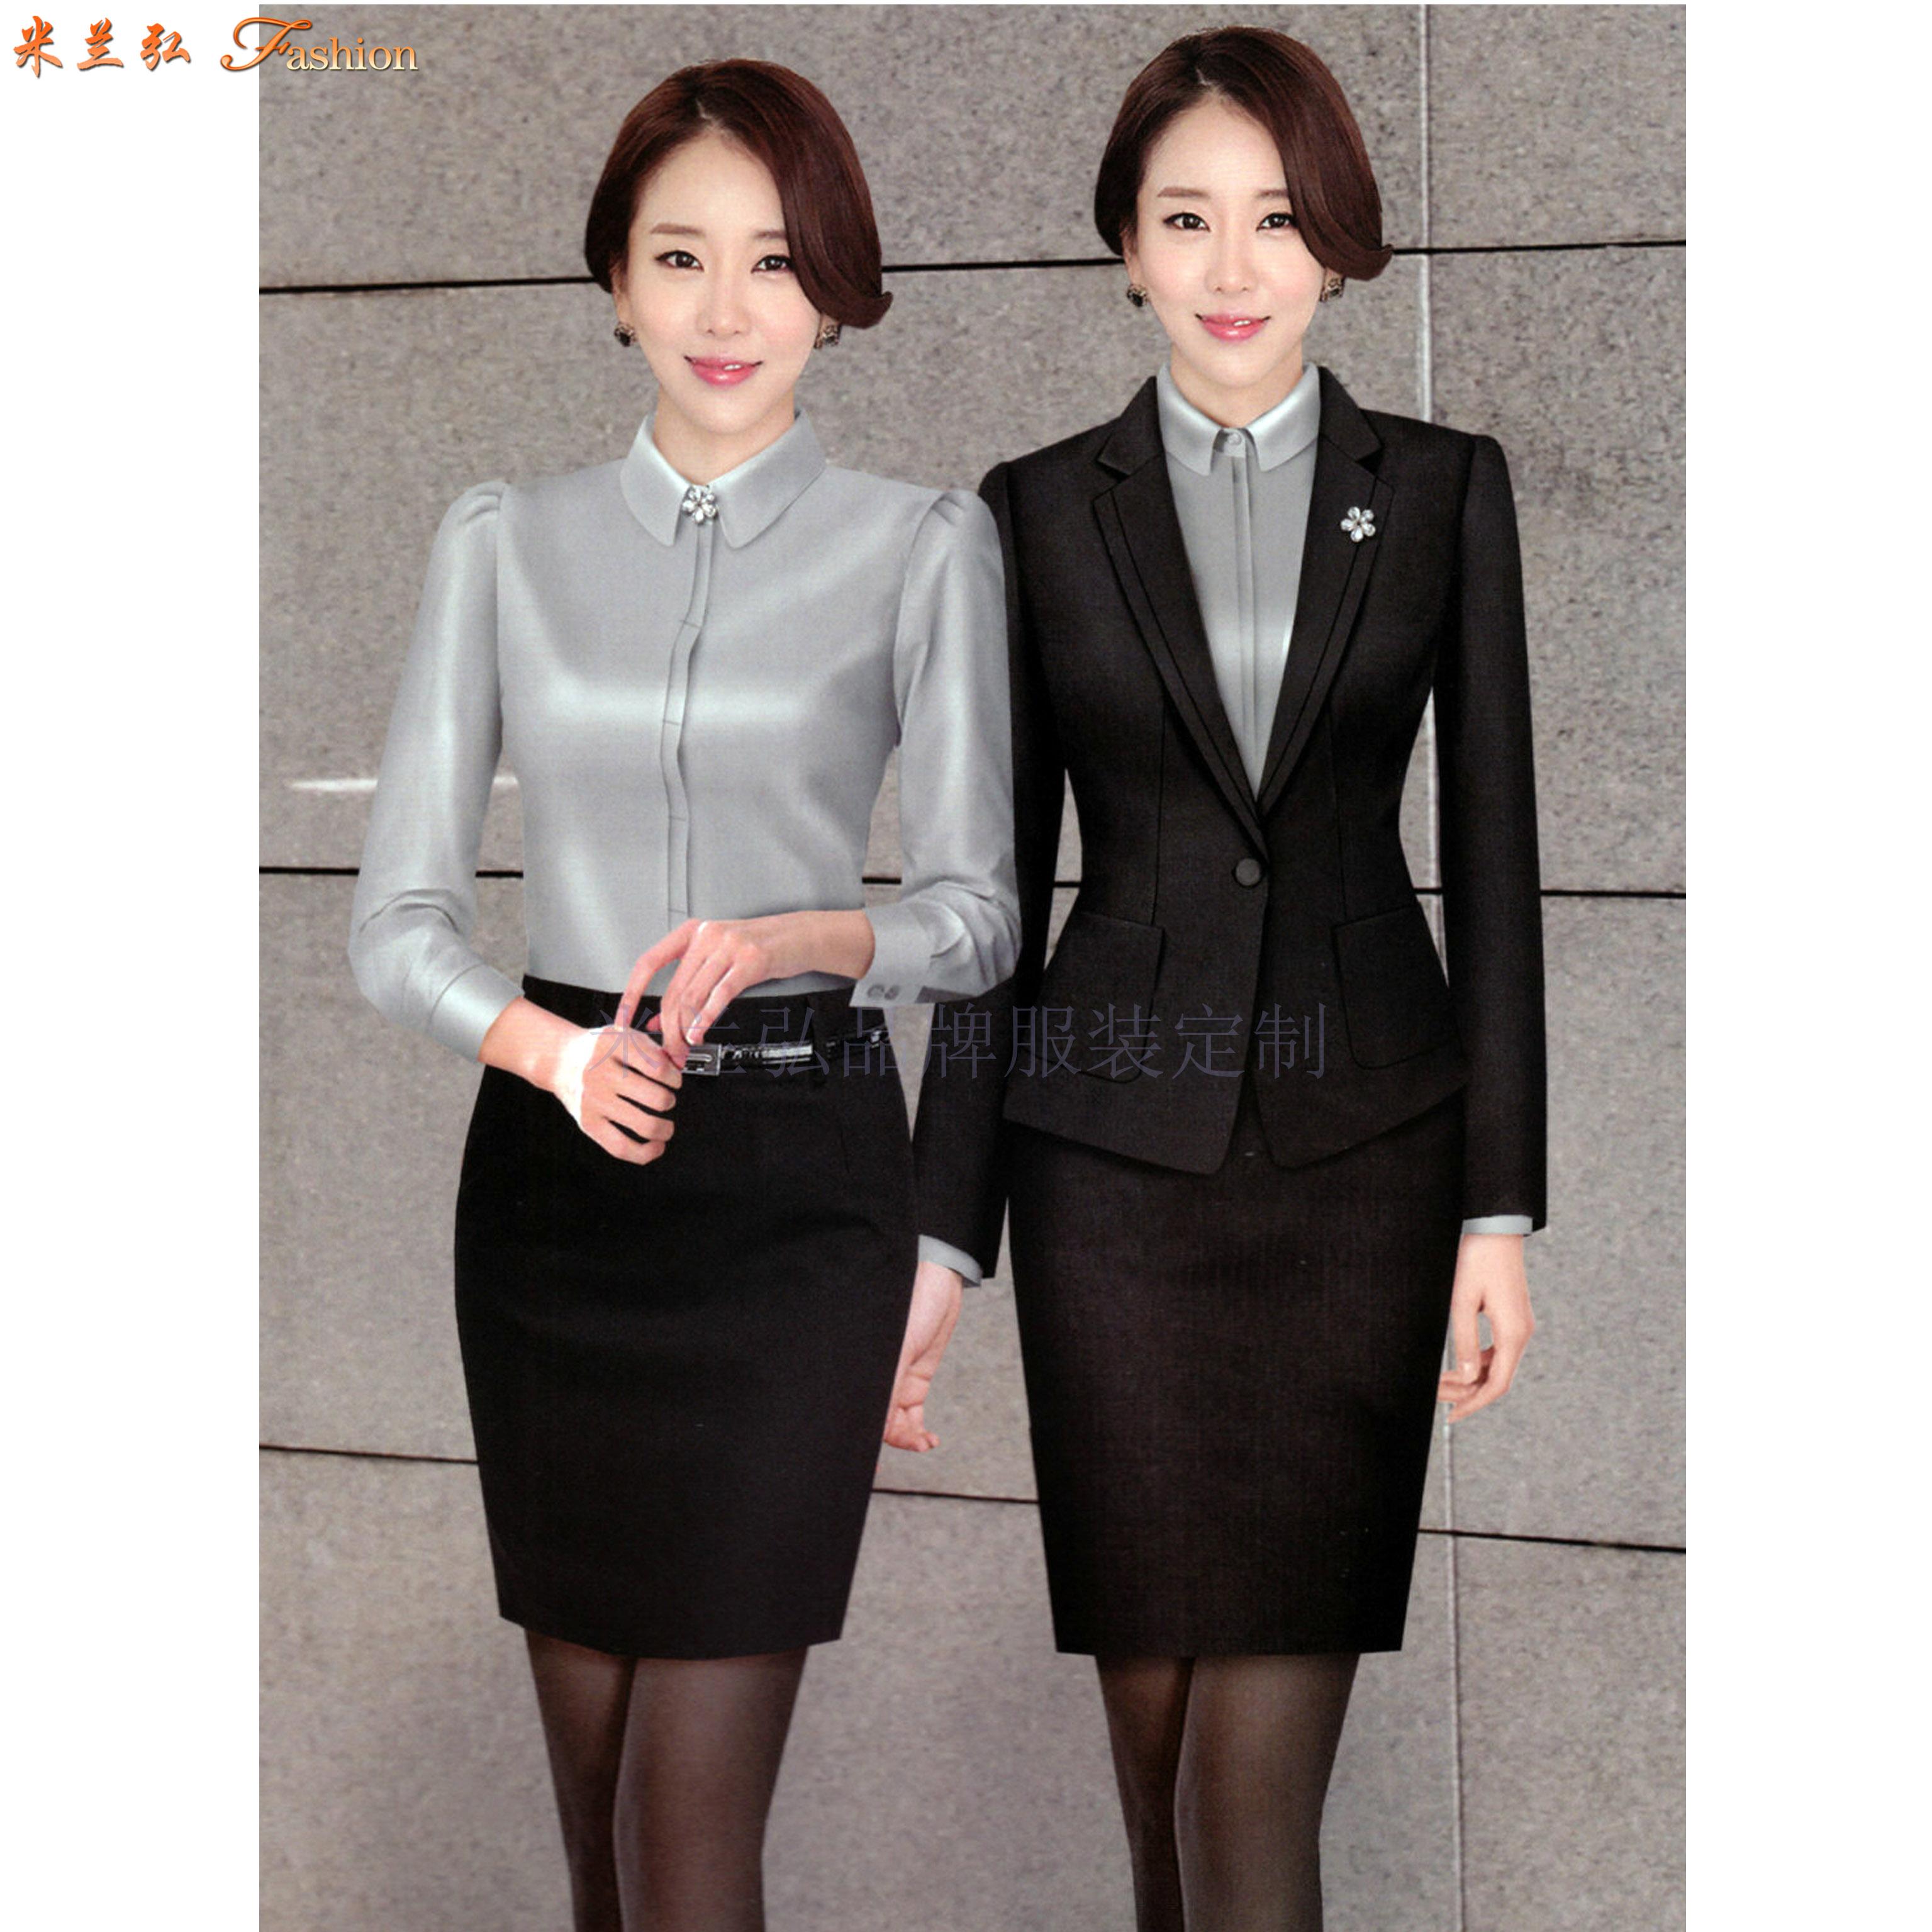 「北京商務西服定制公司」推薦誠信靠譜的米蘭弘品牌西服-2